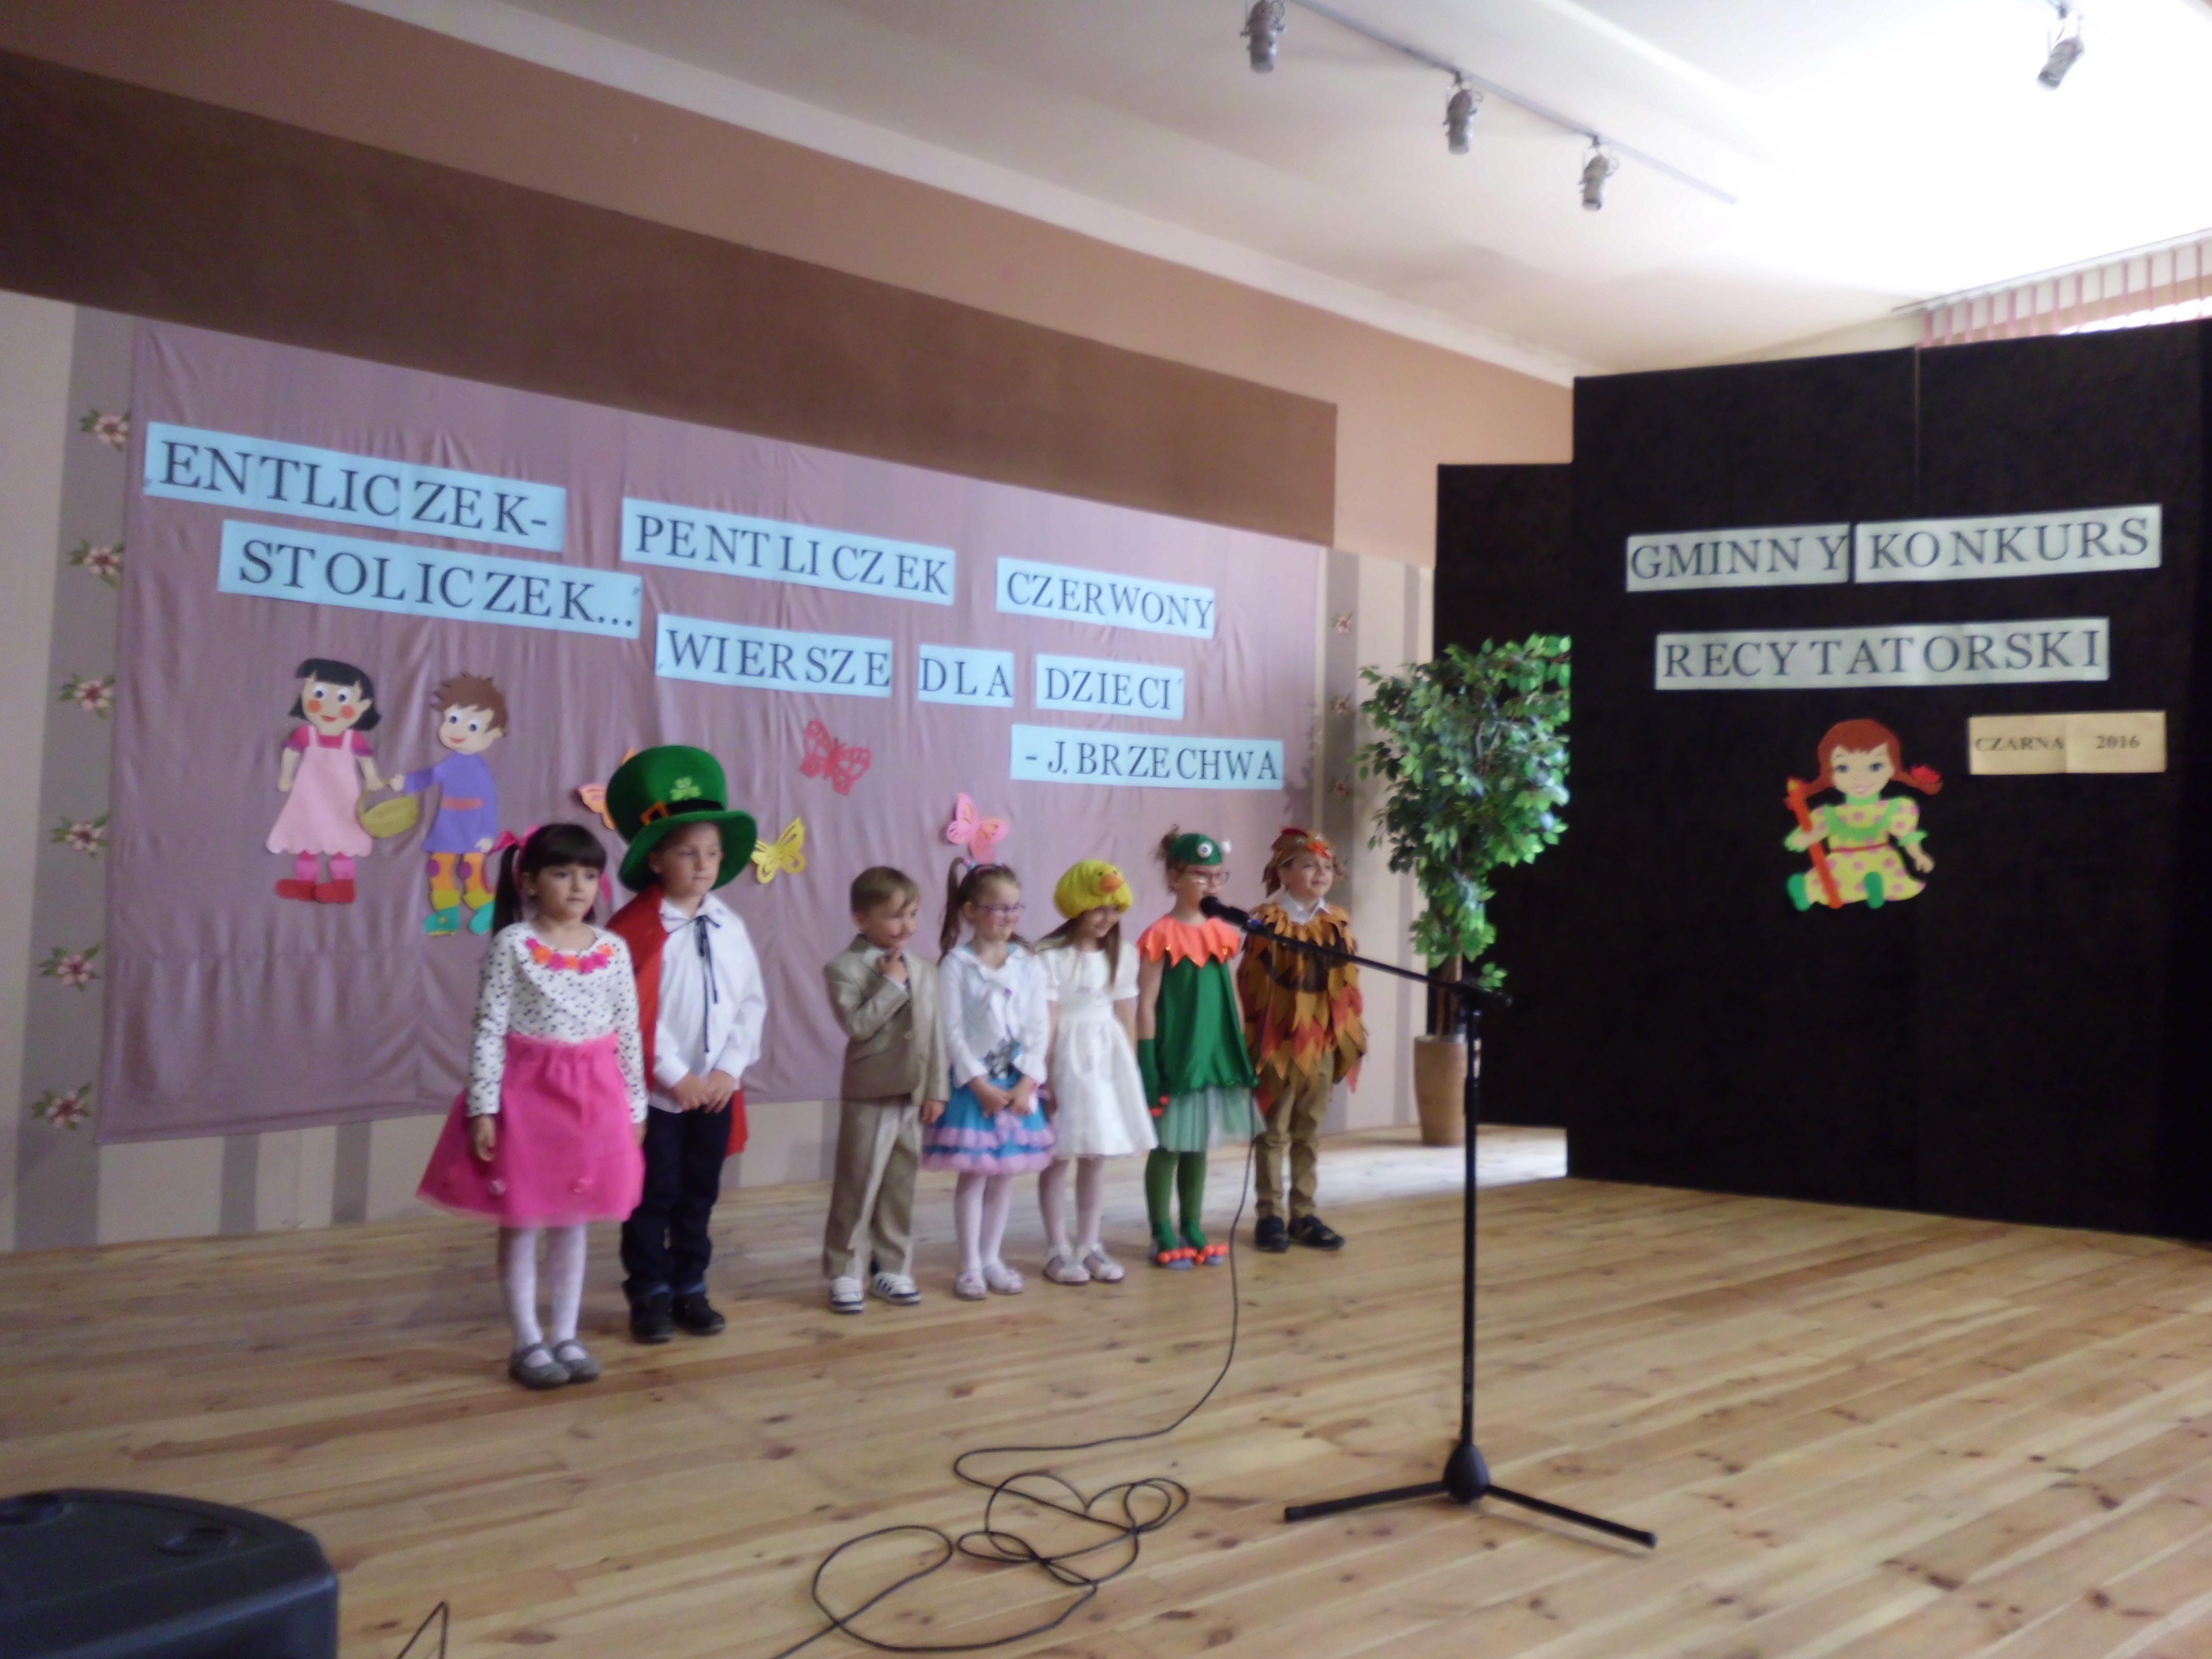 Konkurs Recytatorski Wiersze Dla Dzieci Jan Brzechwa